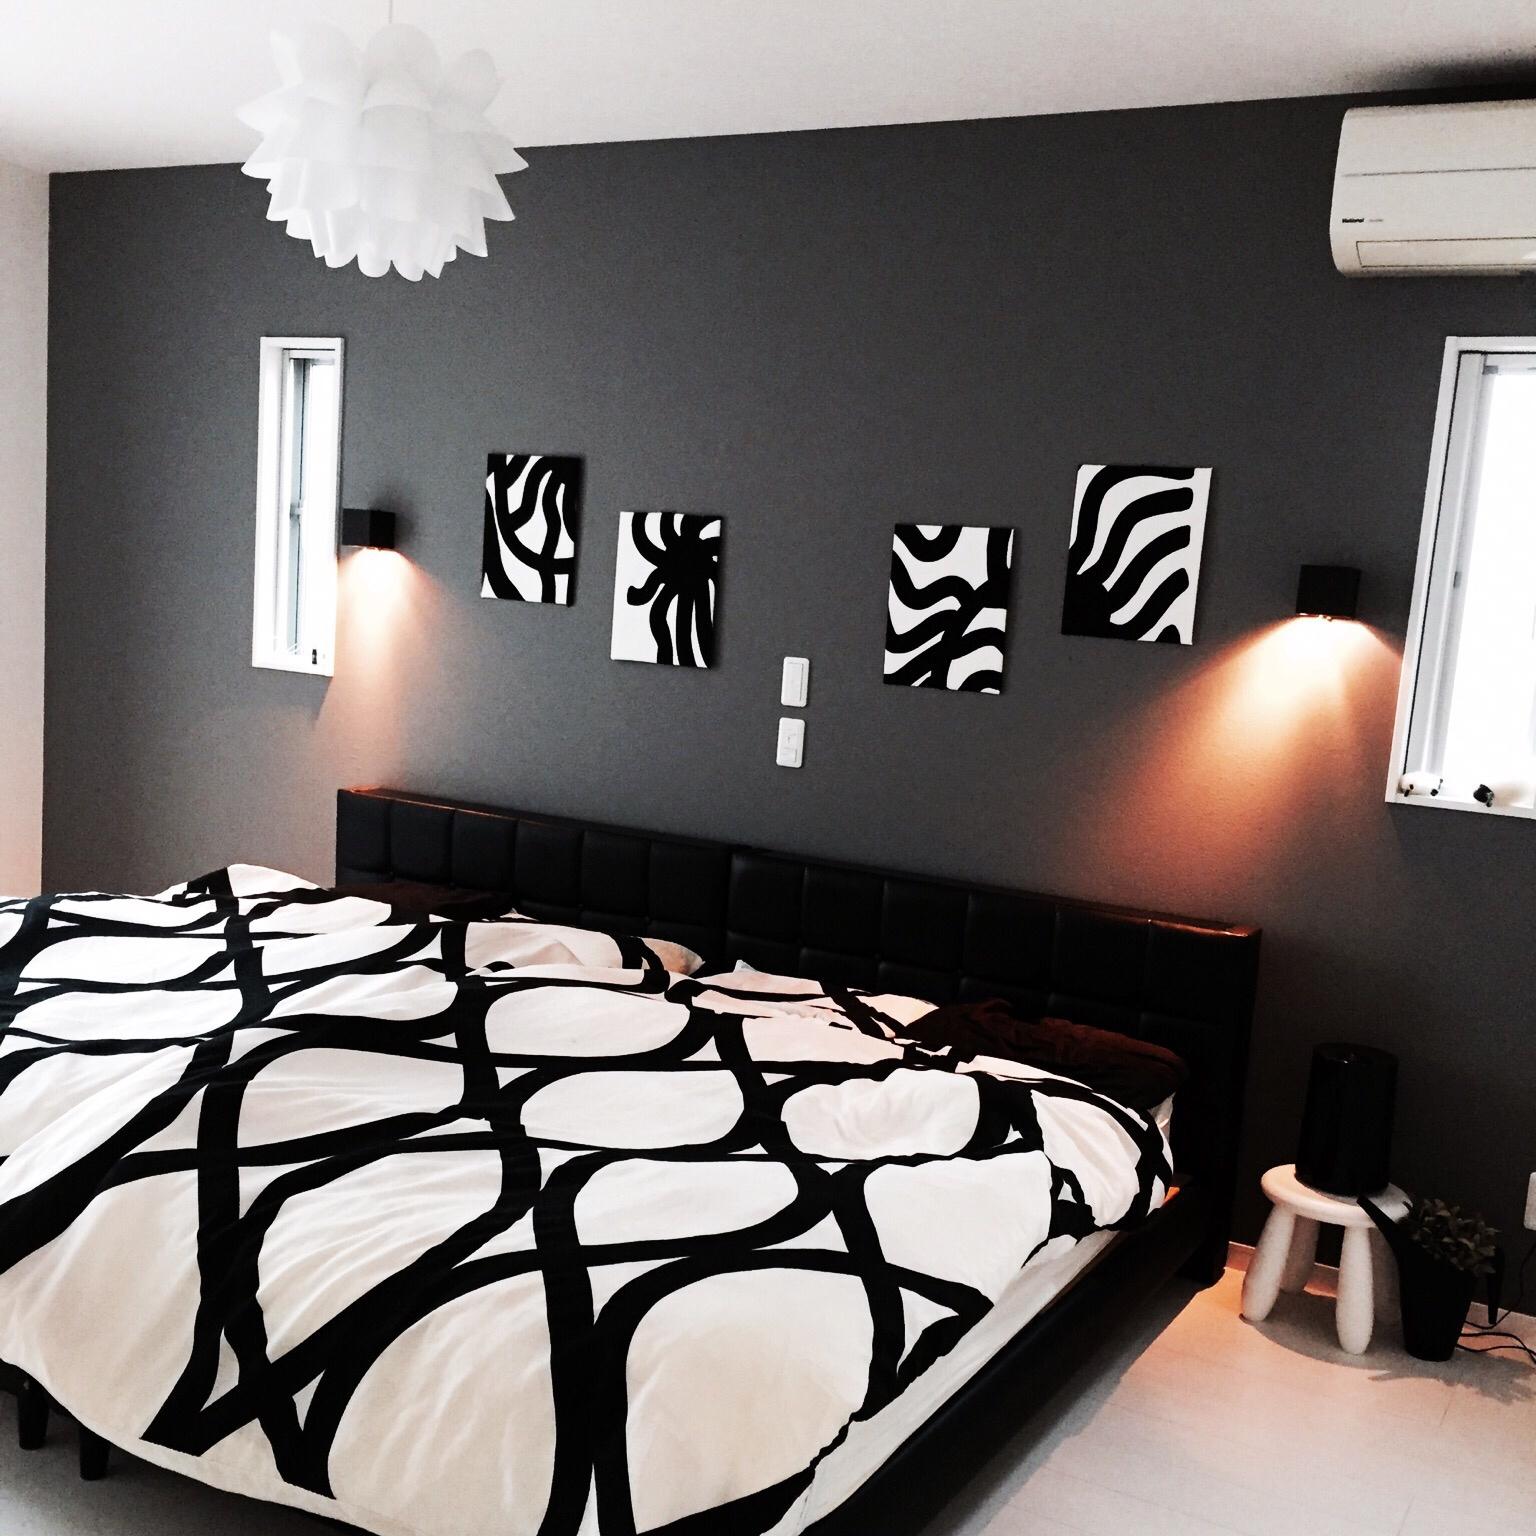 自宅で優雅なホテル気分♪ホテルライクな「寝室」実例